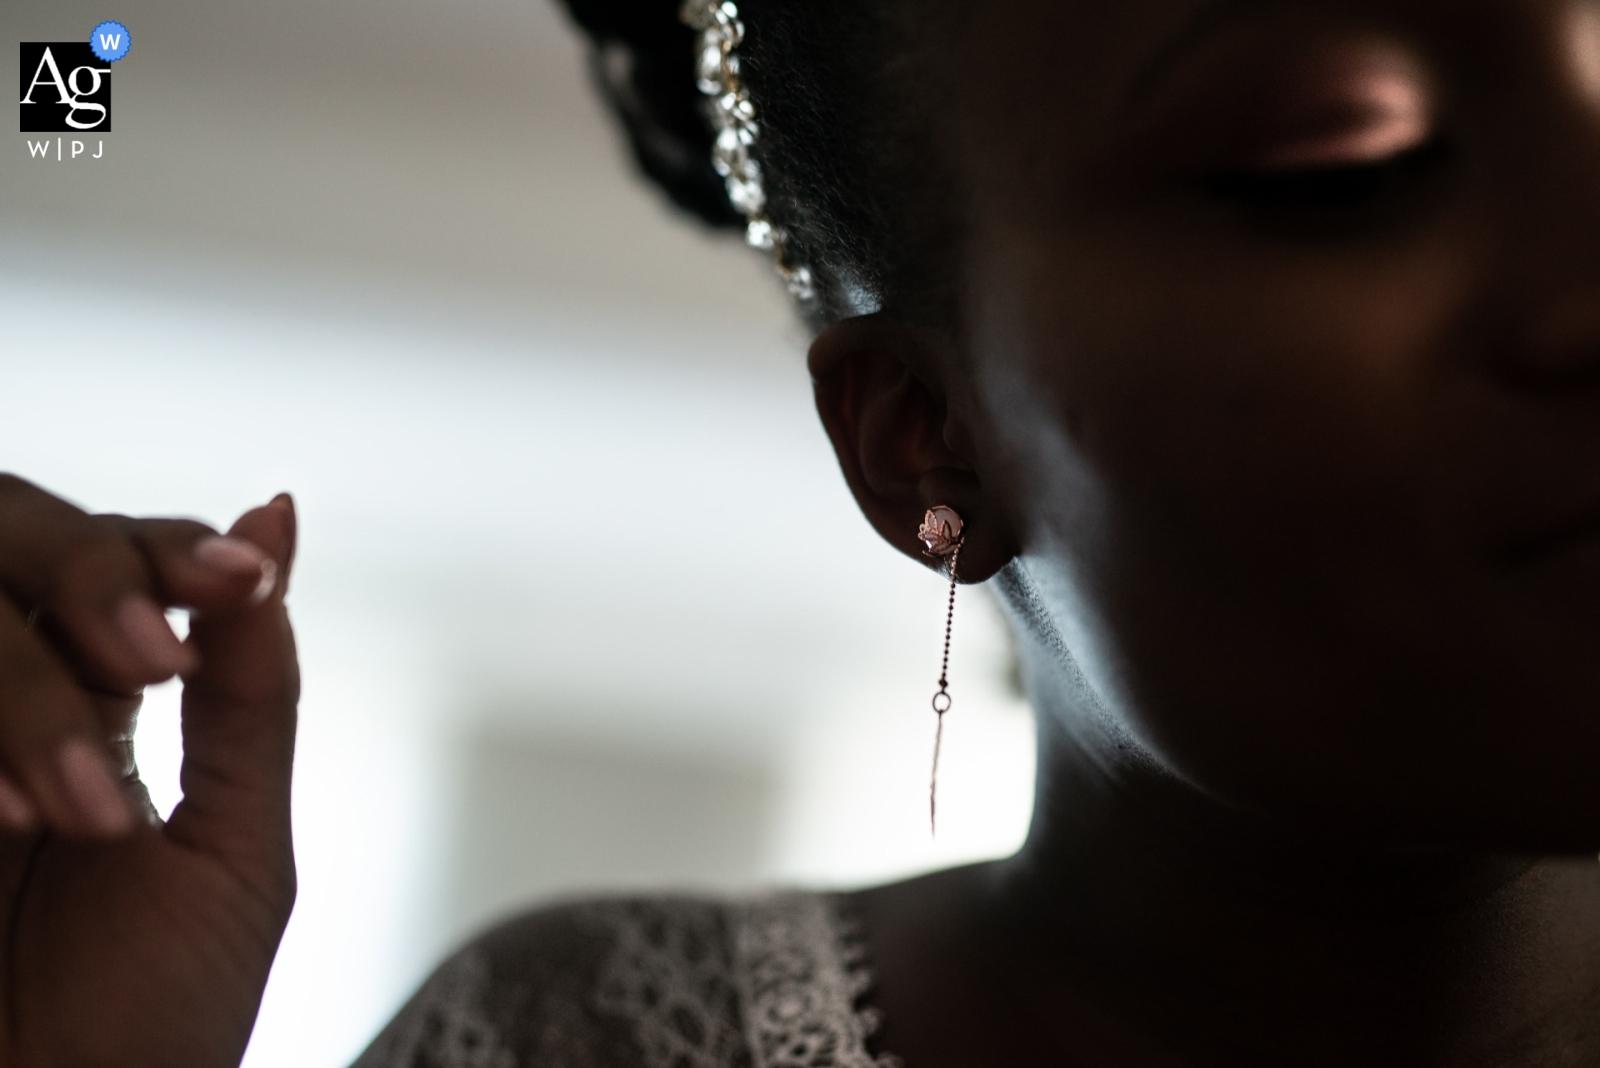 Domaine du Bessac (Frankreich) - Detailfotografie des Ohrrings vom Hochzeitstag